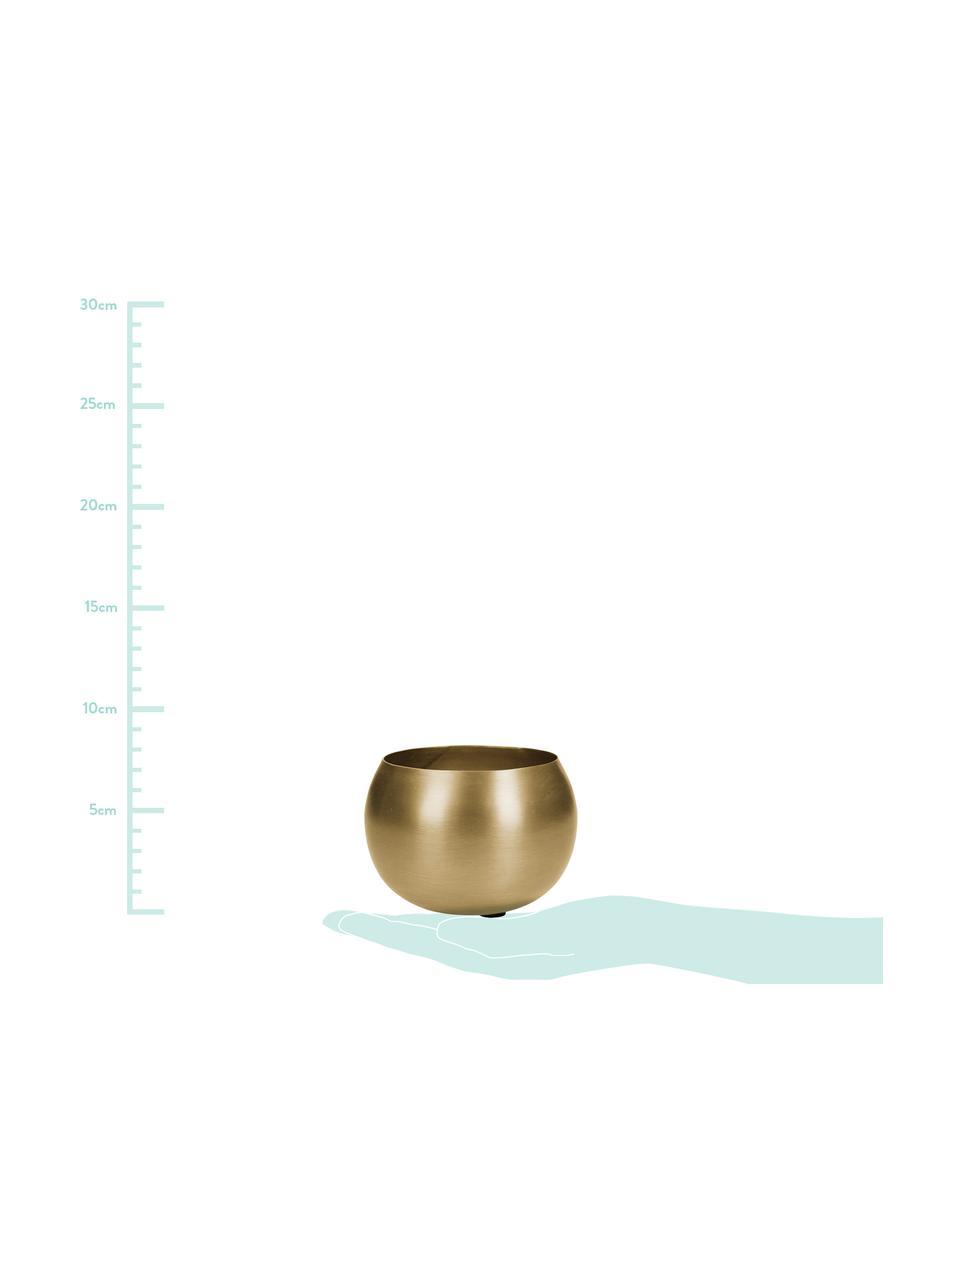 Kleiner Übertopf Pat aus Metall, Metall, beschichtet, Messingfarben, Ø 10 x H 7 cm